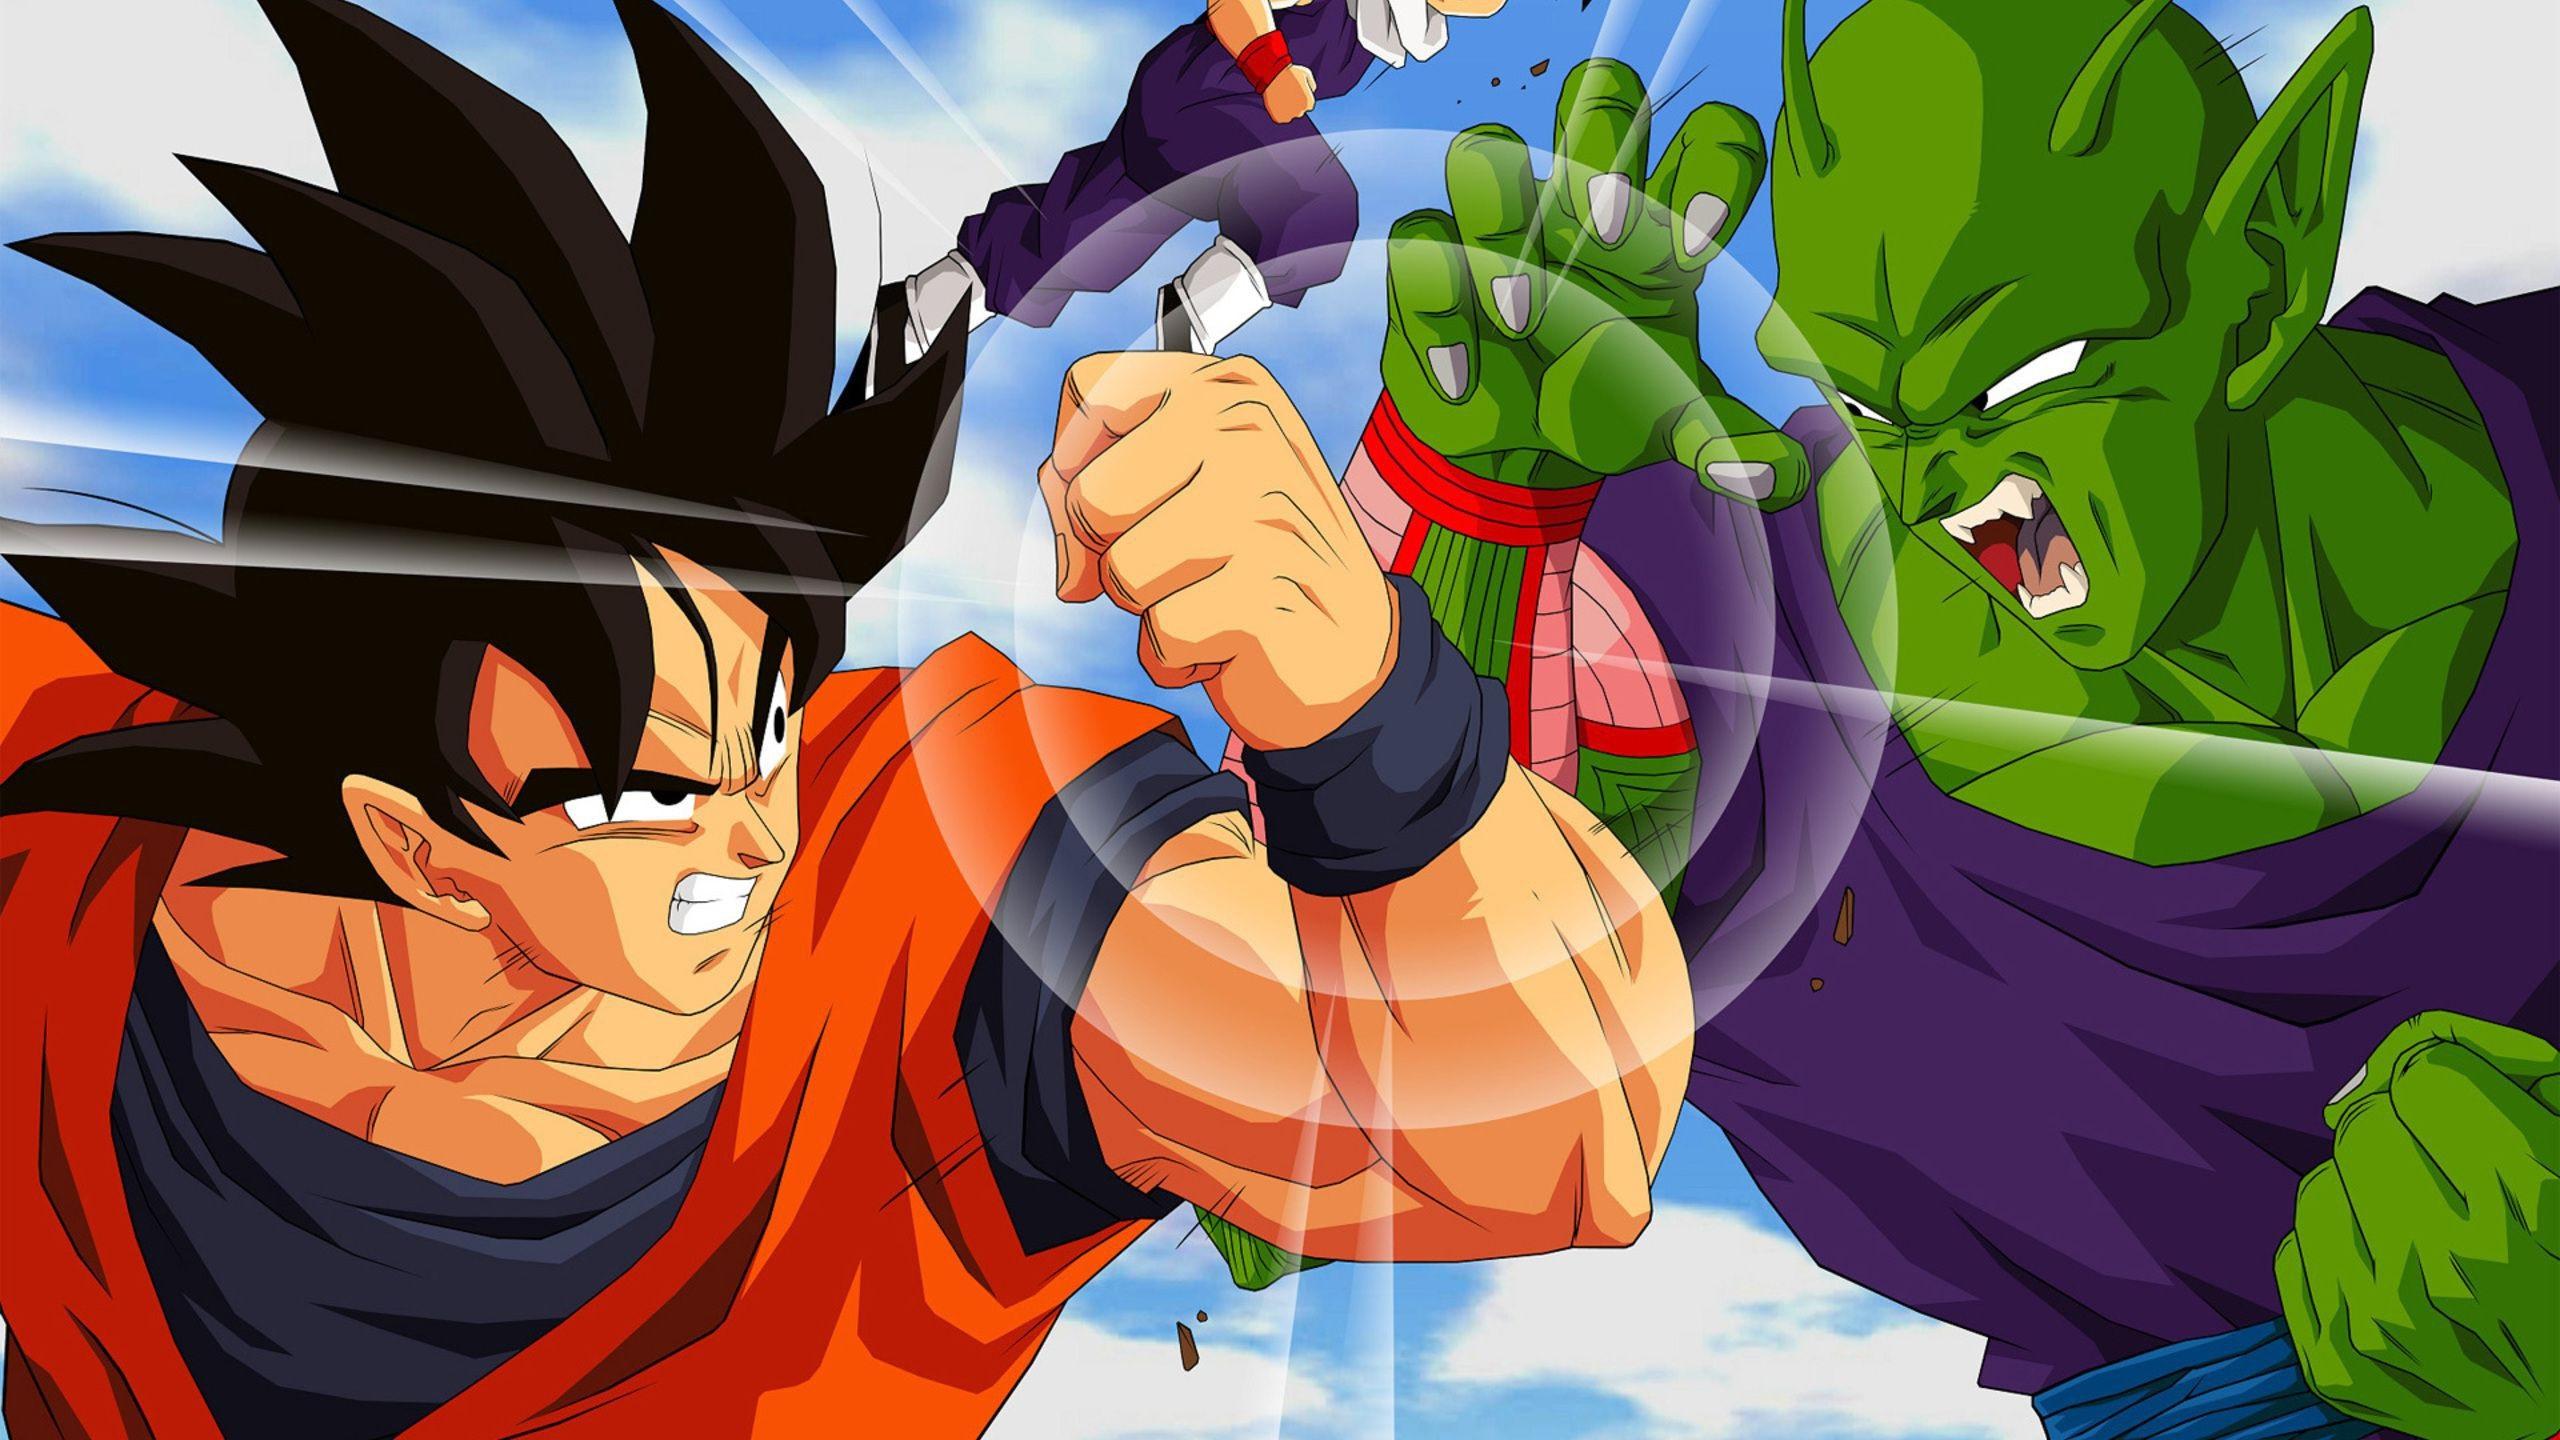 Dragon Ball Z Piccolo Vs Goku 1546127 Hd Wallpaper